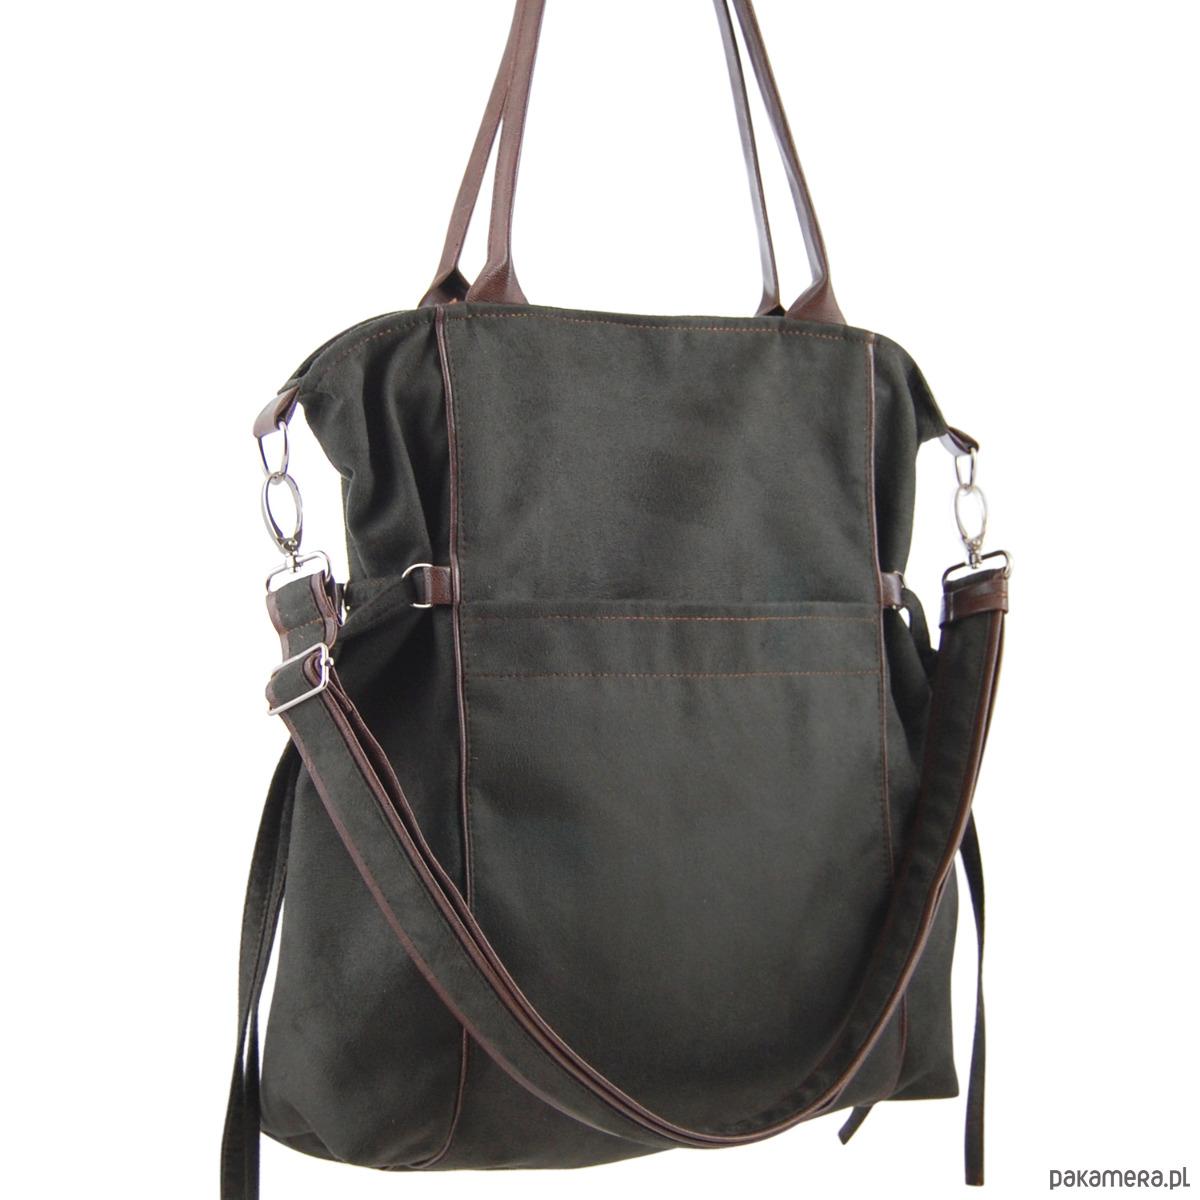 e9ce8e720c077 AMBER - duża torba - shopper - khaki i brąz - torby na ramię - damskie -  Pakamera.pl